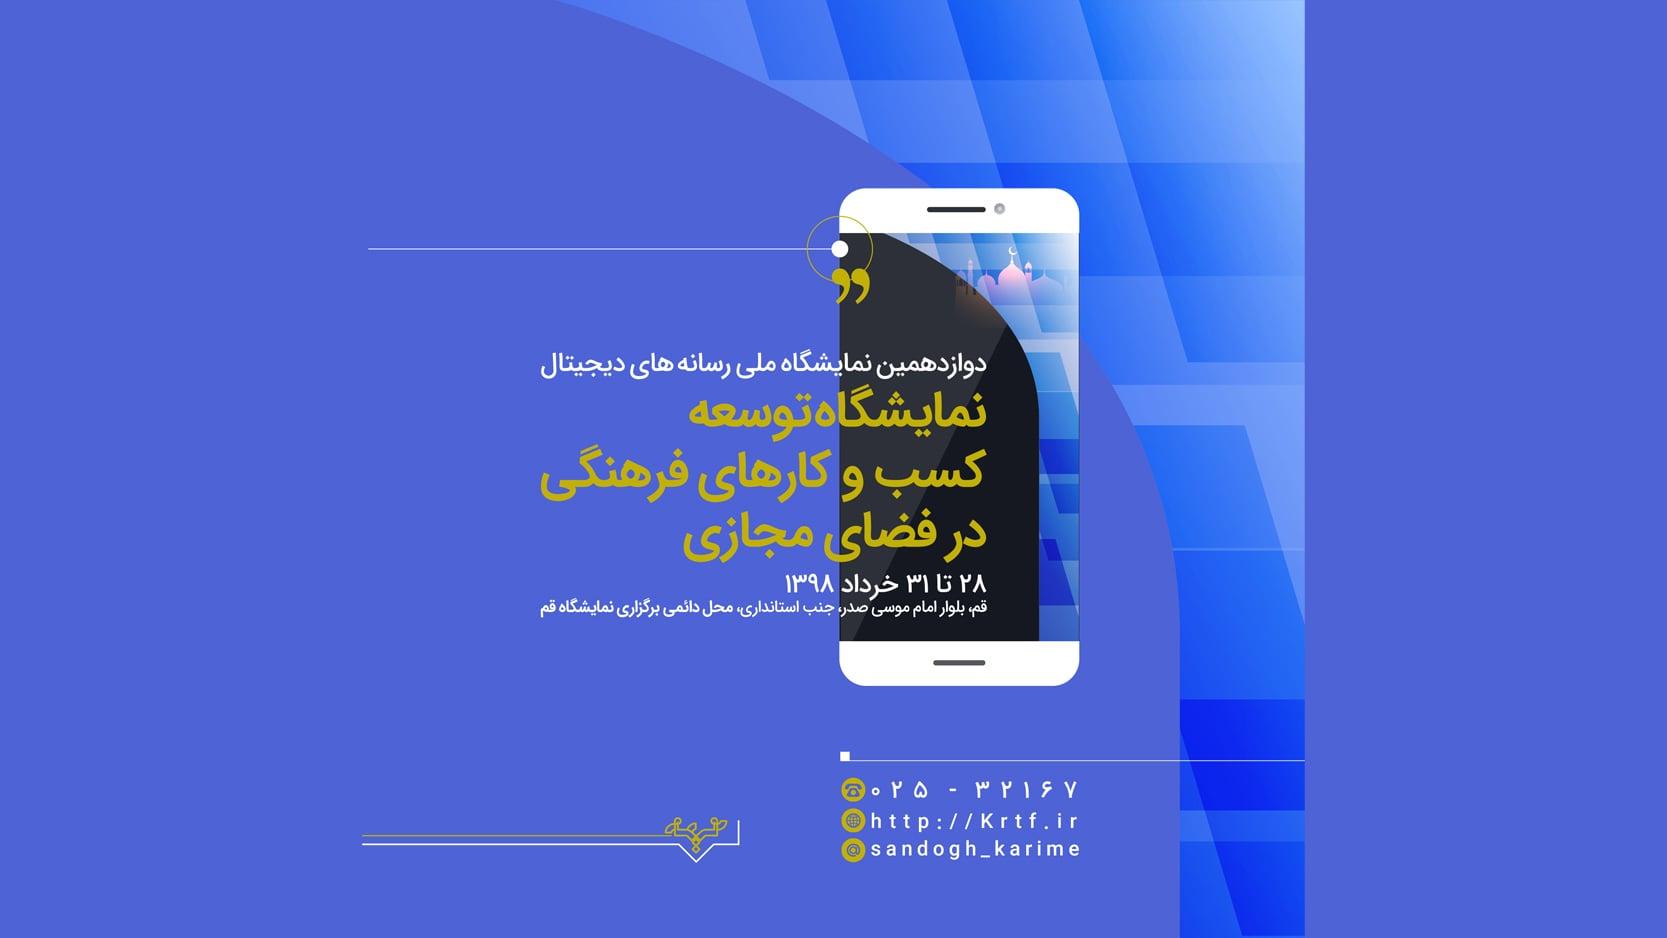 برگزاری نمایشگاه ملی رسانههای دیجیتال در قم